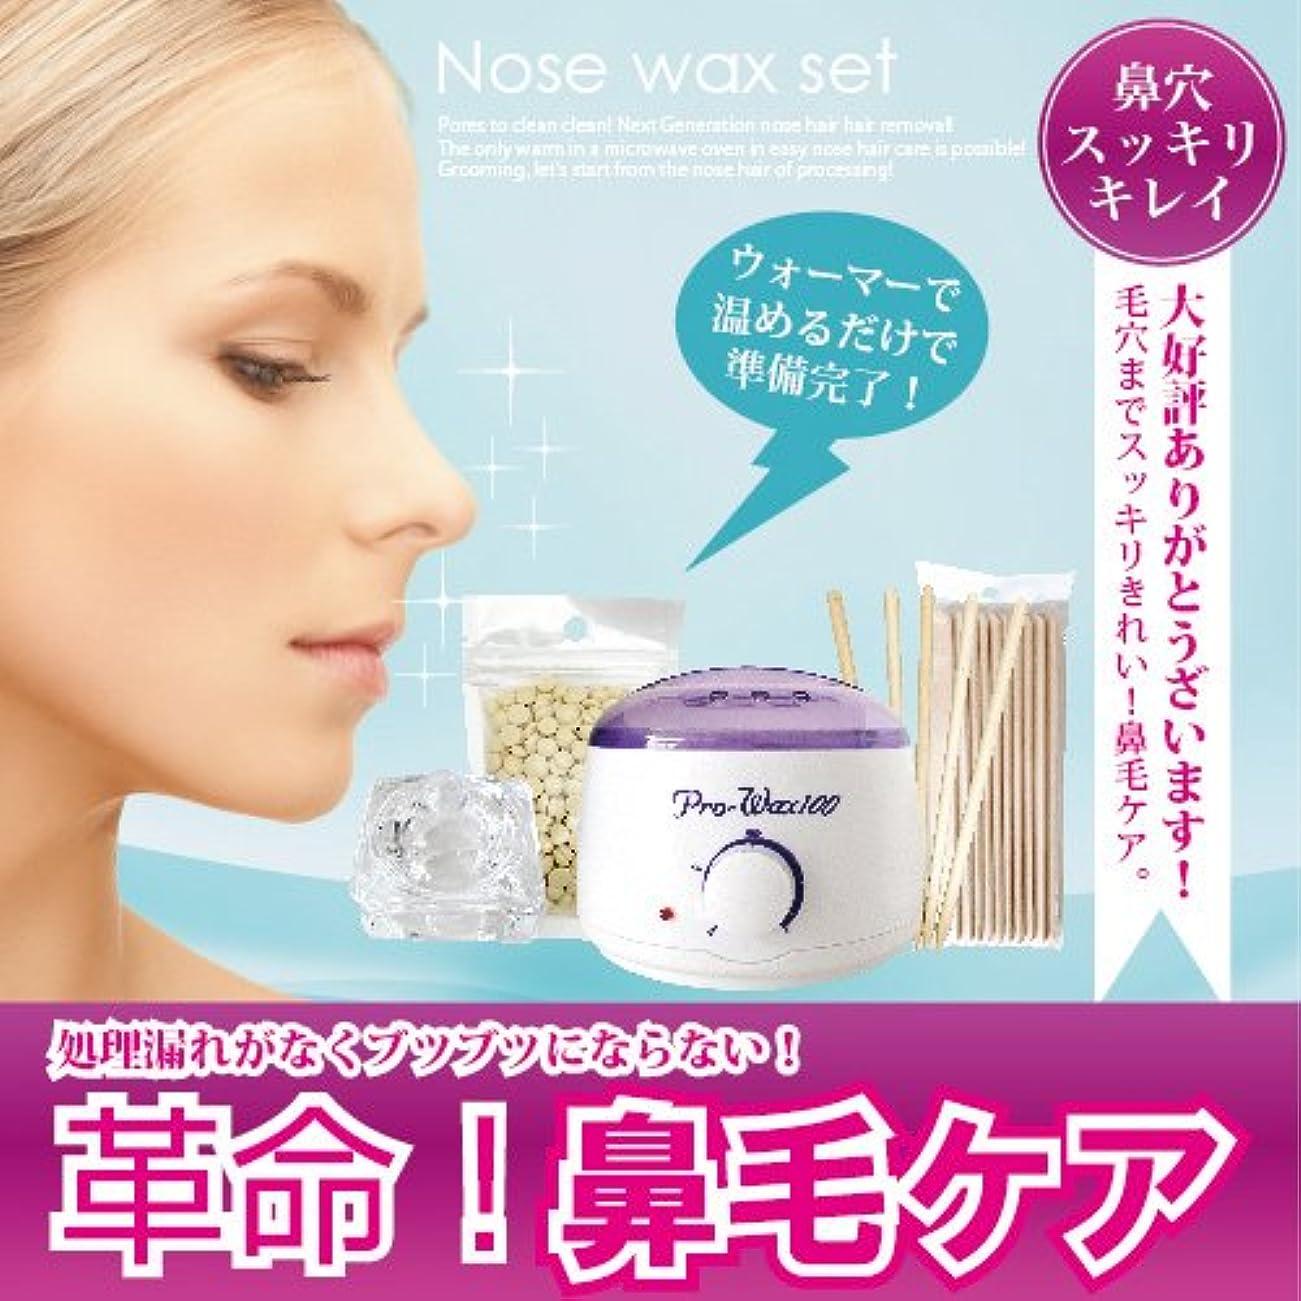 終了しました他の日スキャンダラスブラジリアンワックス Nose wax setウォーマー付ノーズワックス鼻毛ケアセット(約12回分)